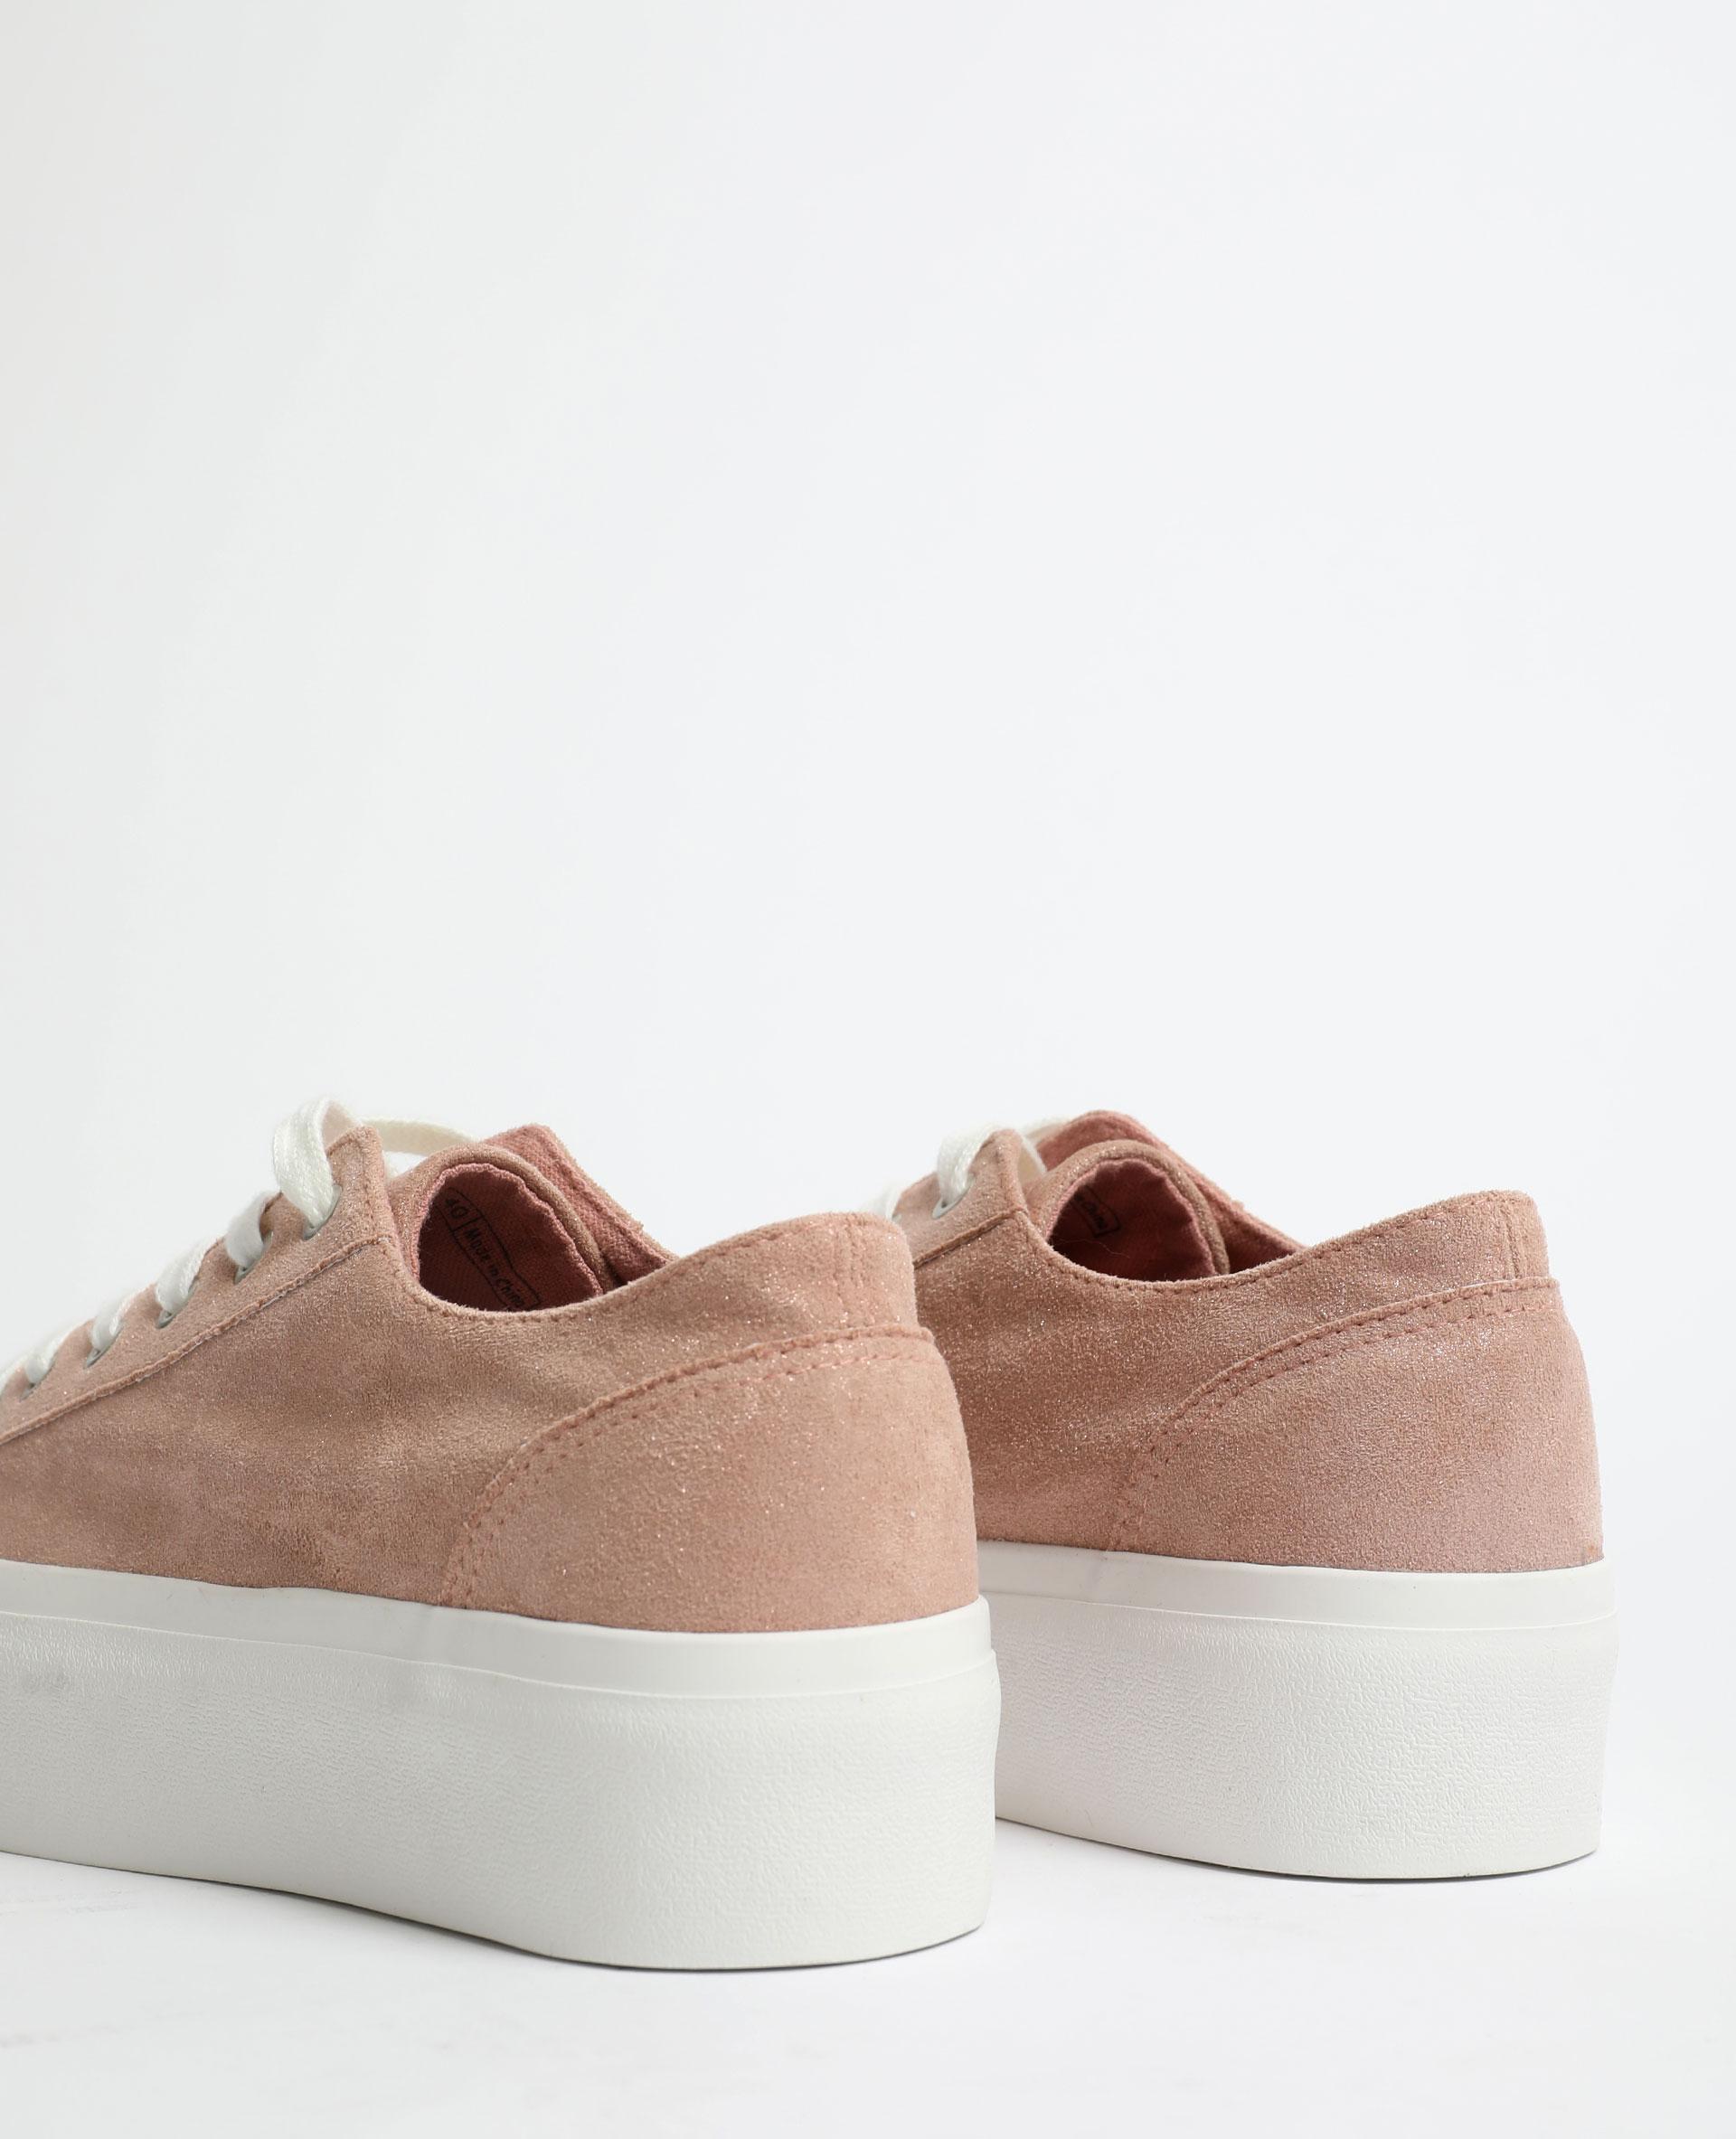 Scarpe da ginnastica con suola spessa rosa cipria - Pimkie